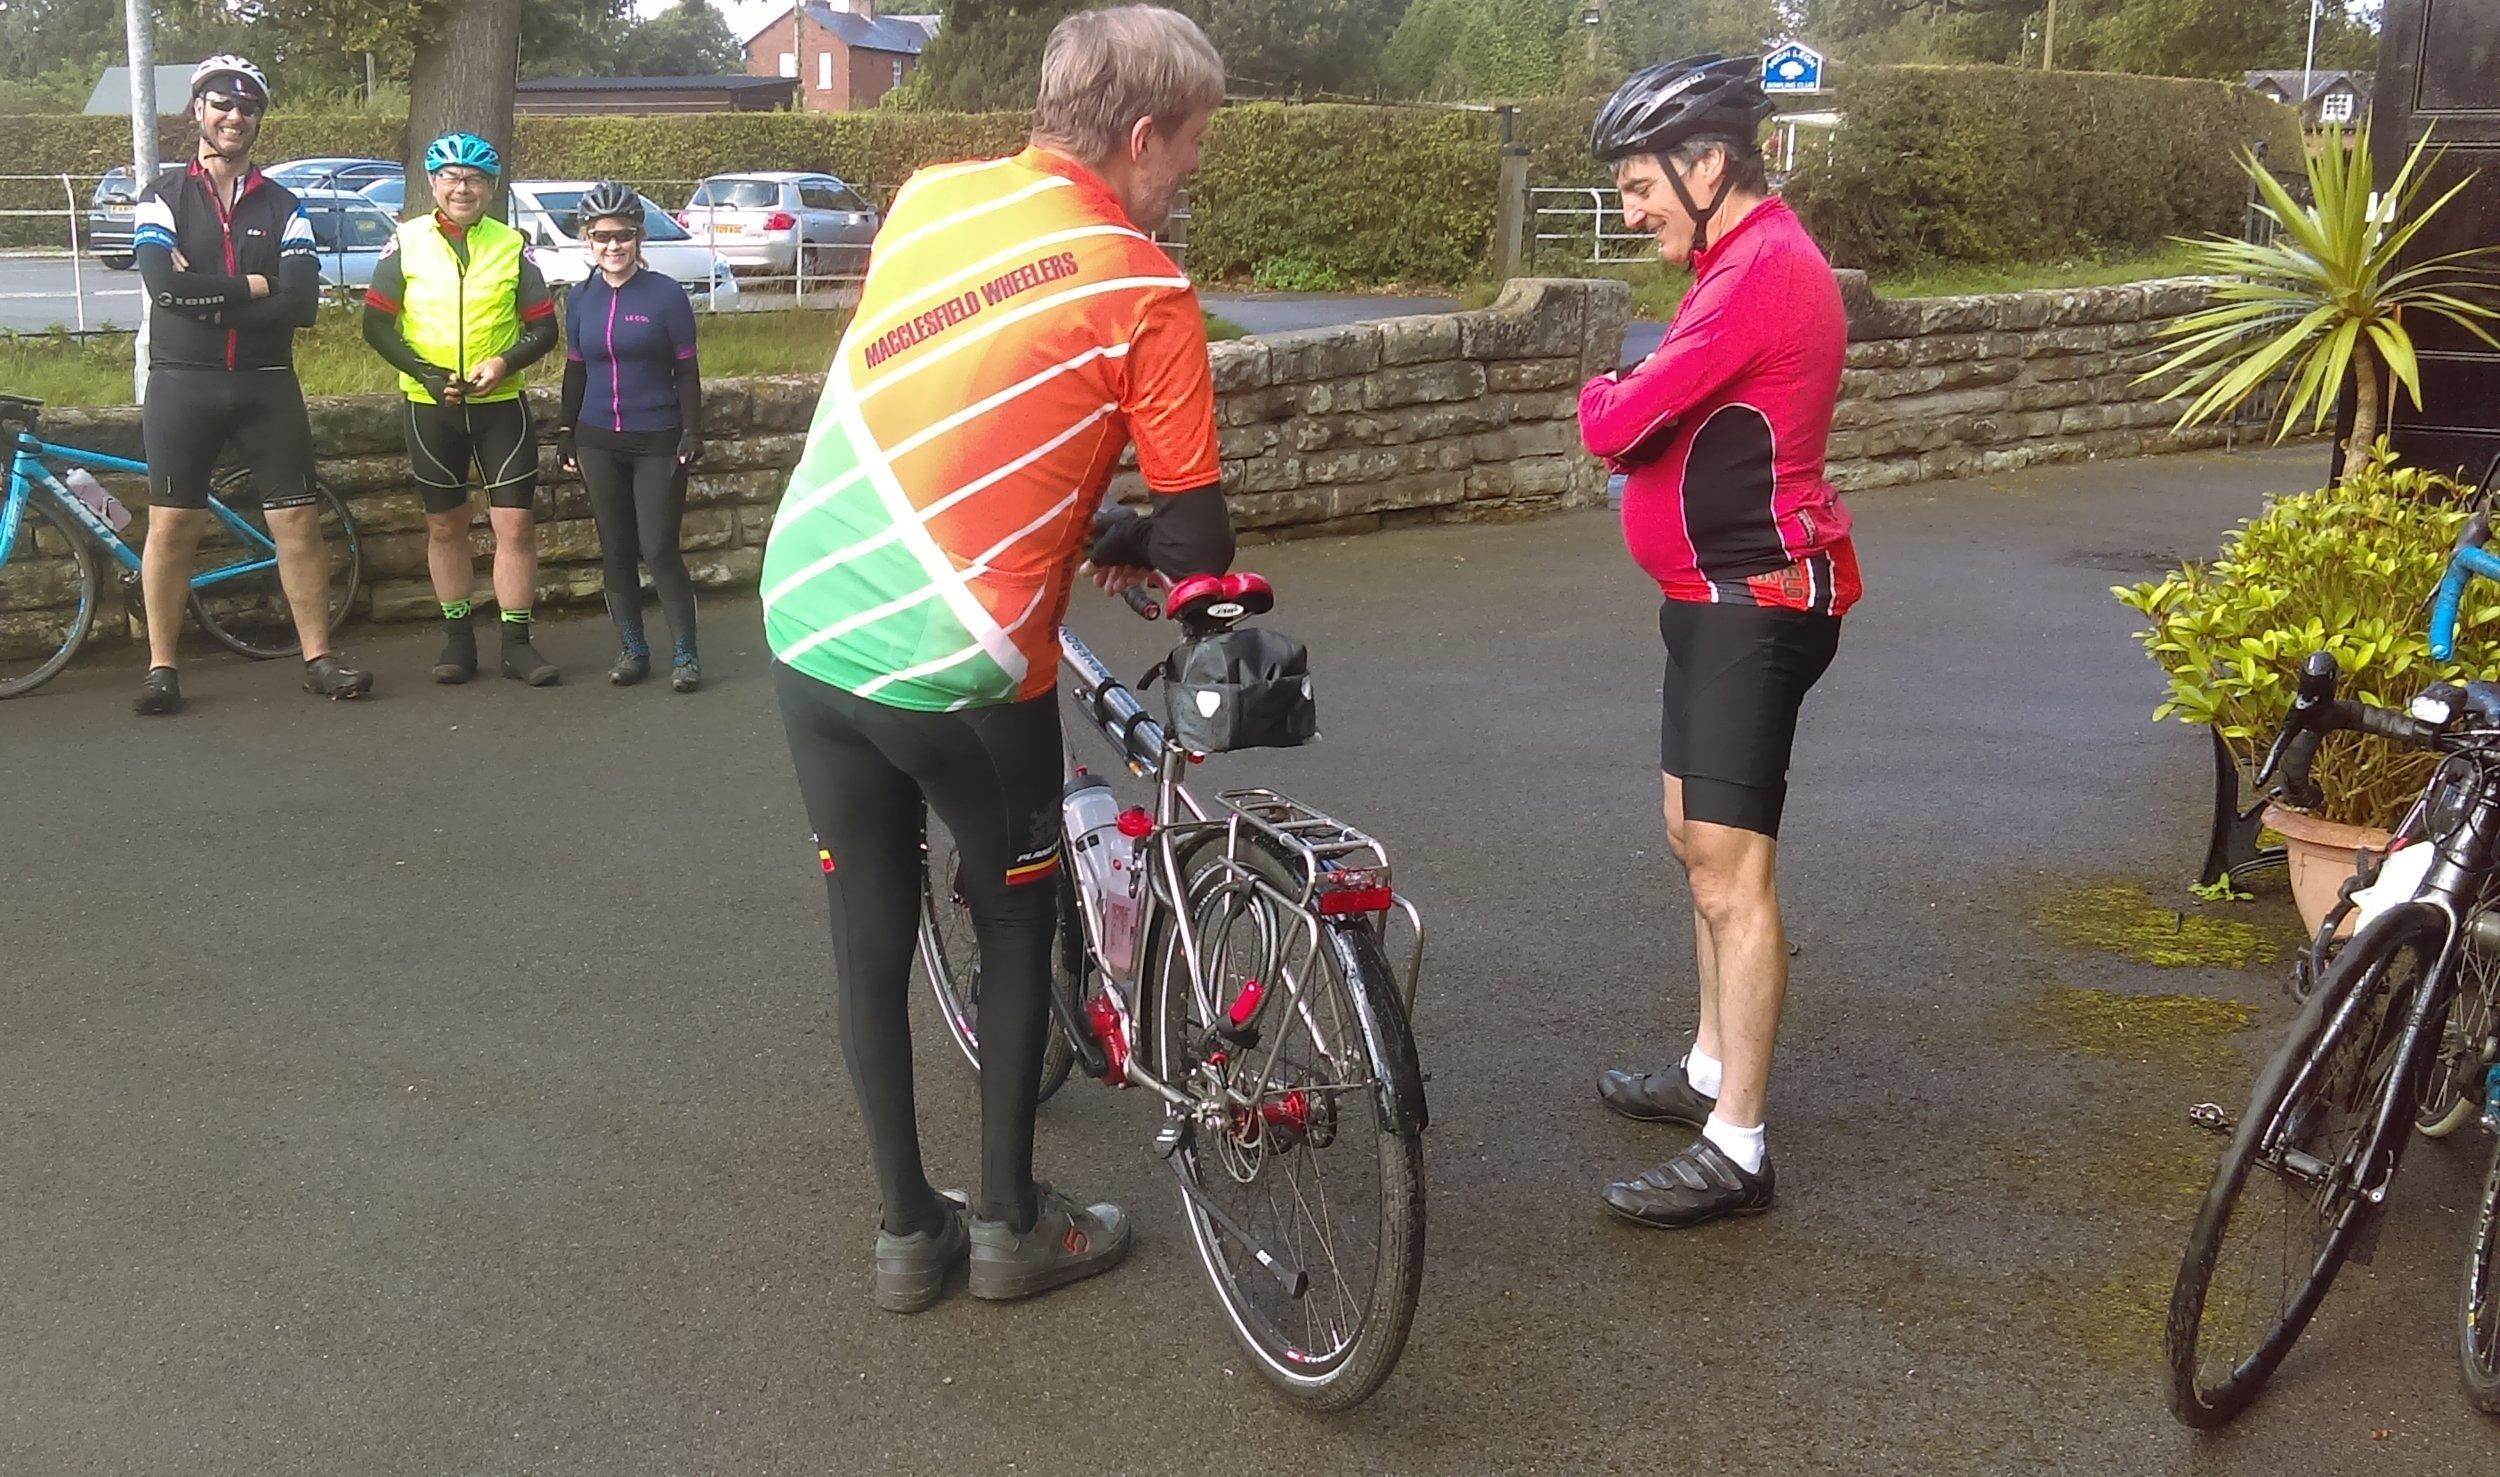 Spencer, Mark and Kirsten posing in height order whilst John admires Simon's new bike.